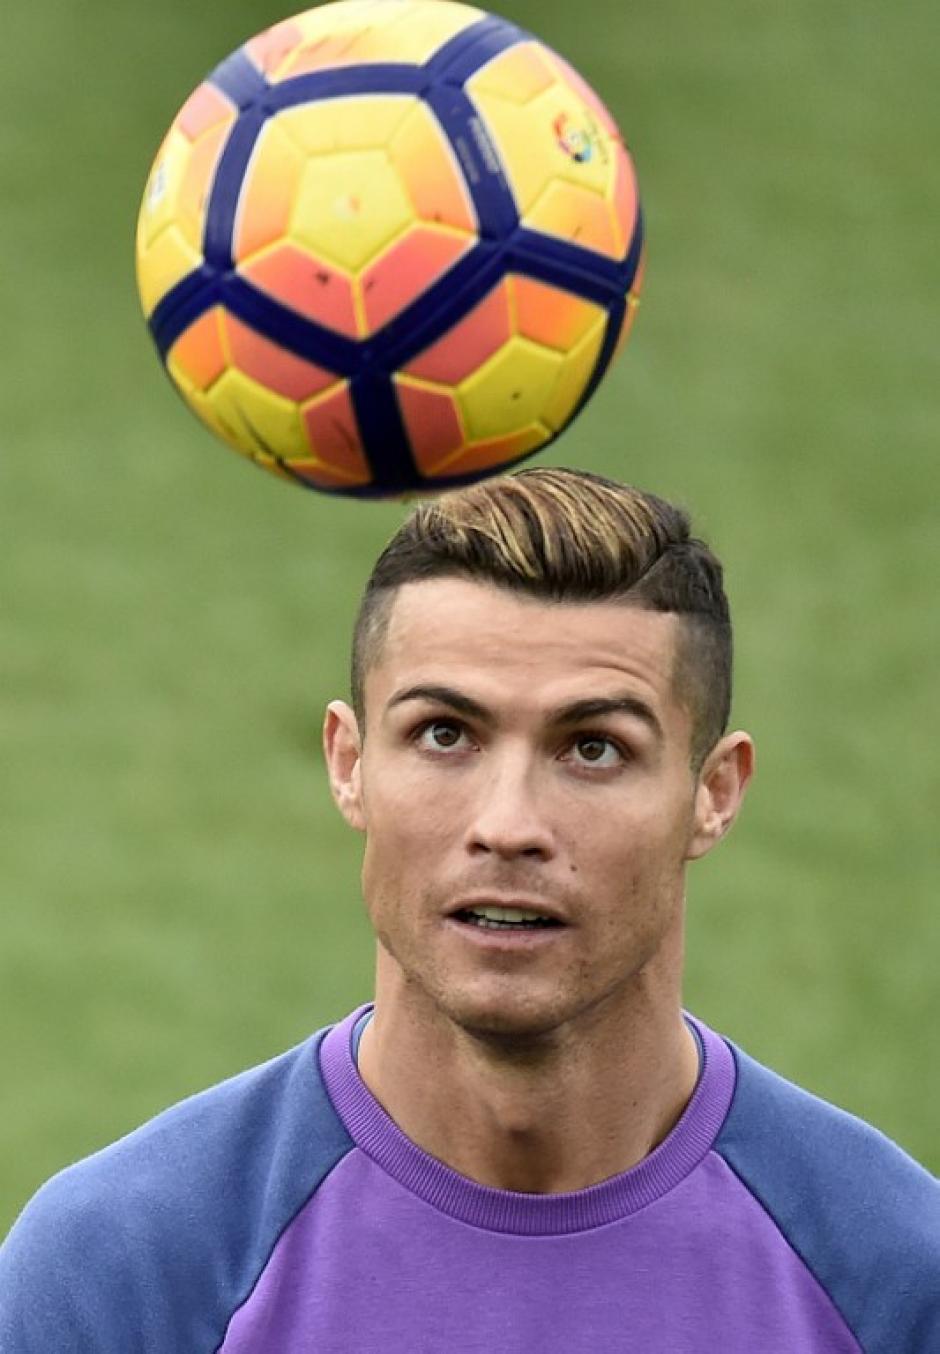 La estrella del Real Madrid está nominado a obtener el Balón de Oro. (Foto: AFP)